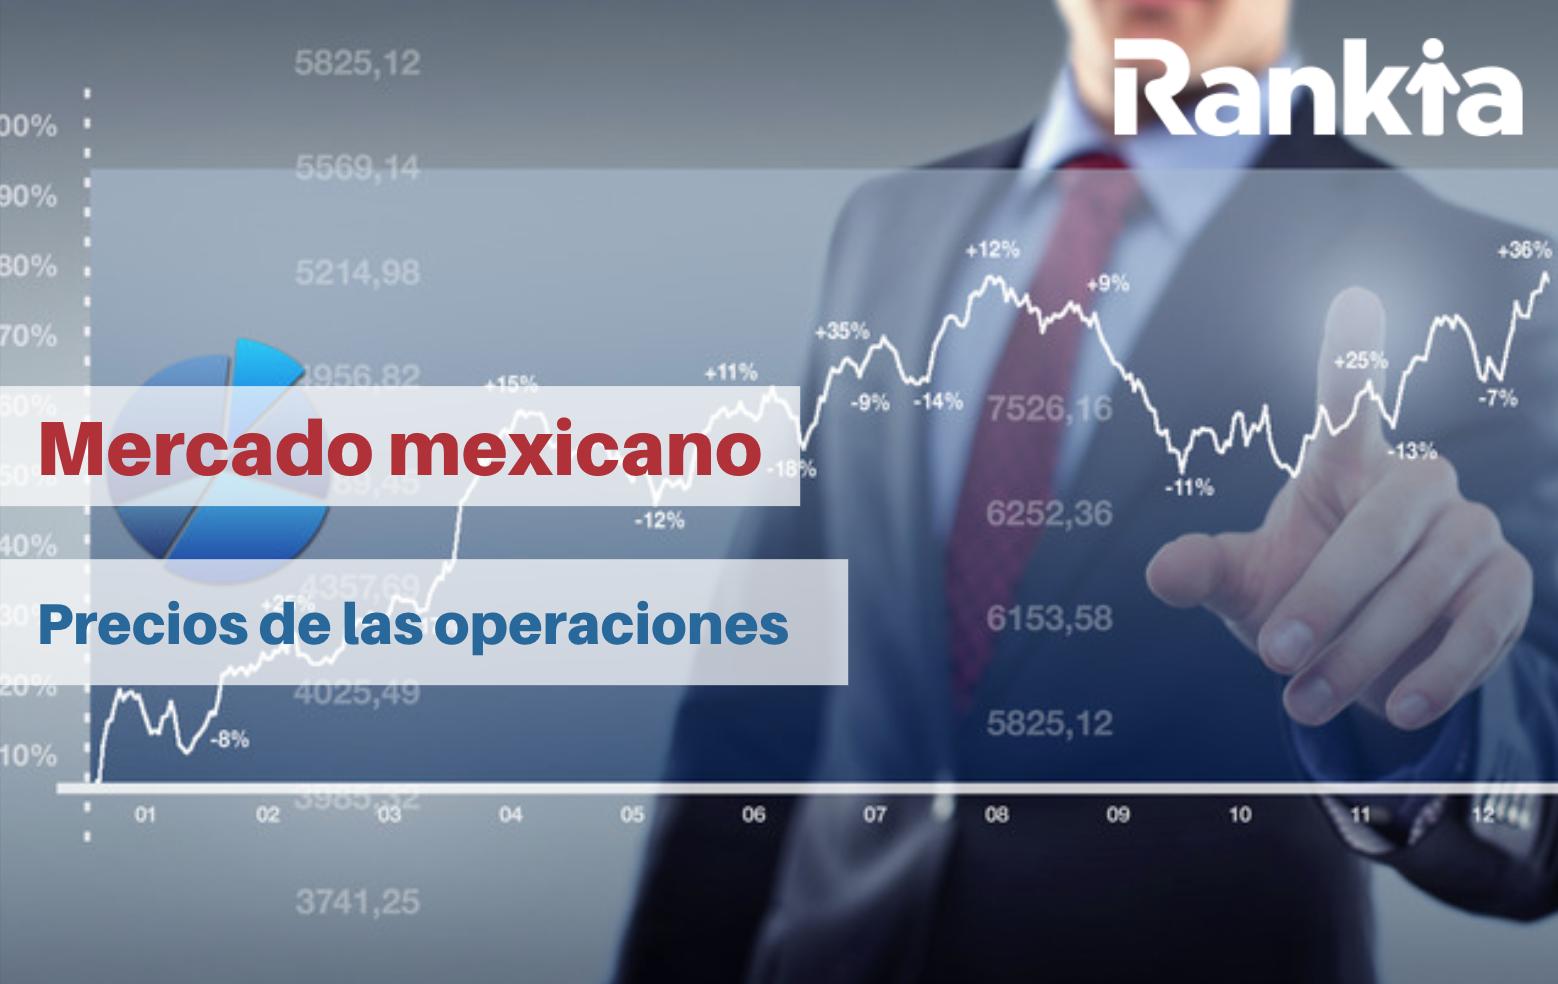 Mercado mexicano: precios operaciones